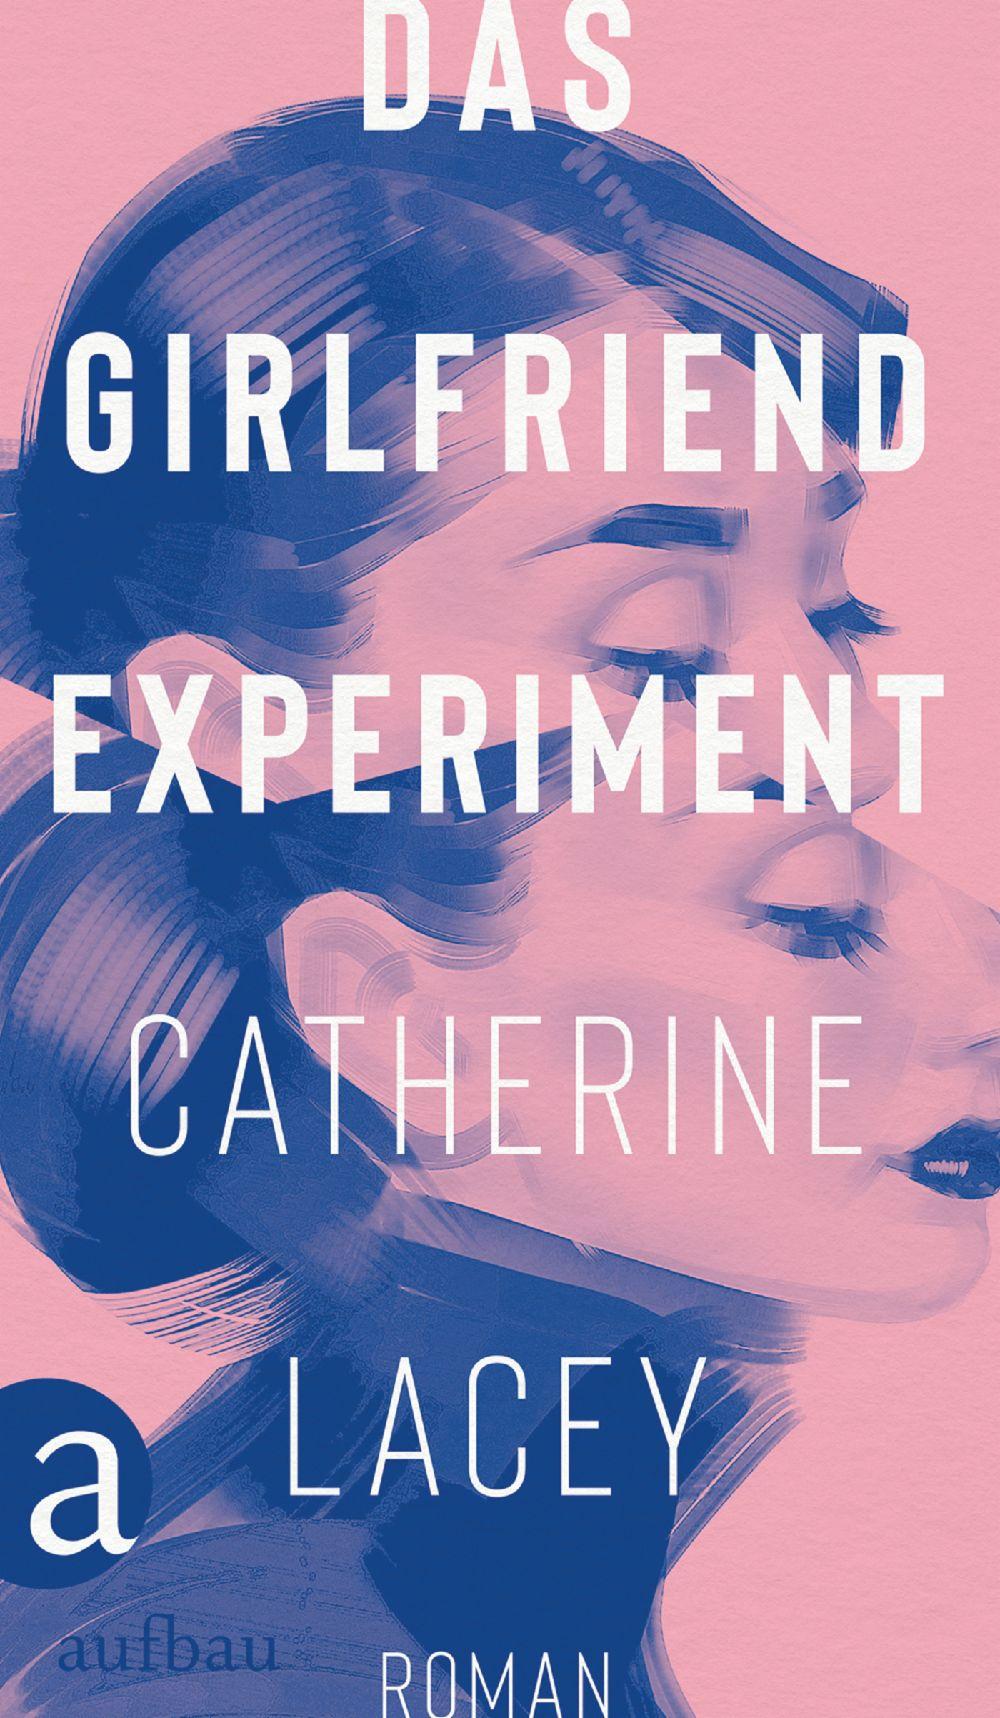 Geschenktipp Catherine Lacey - Das Girlfriend Experiment